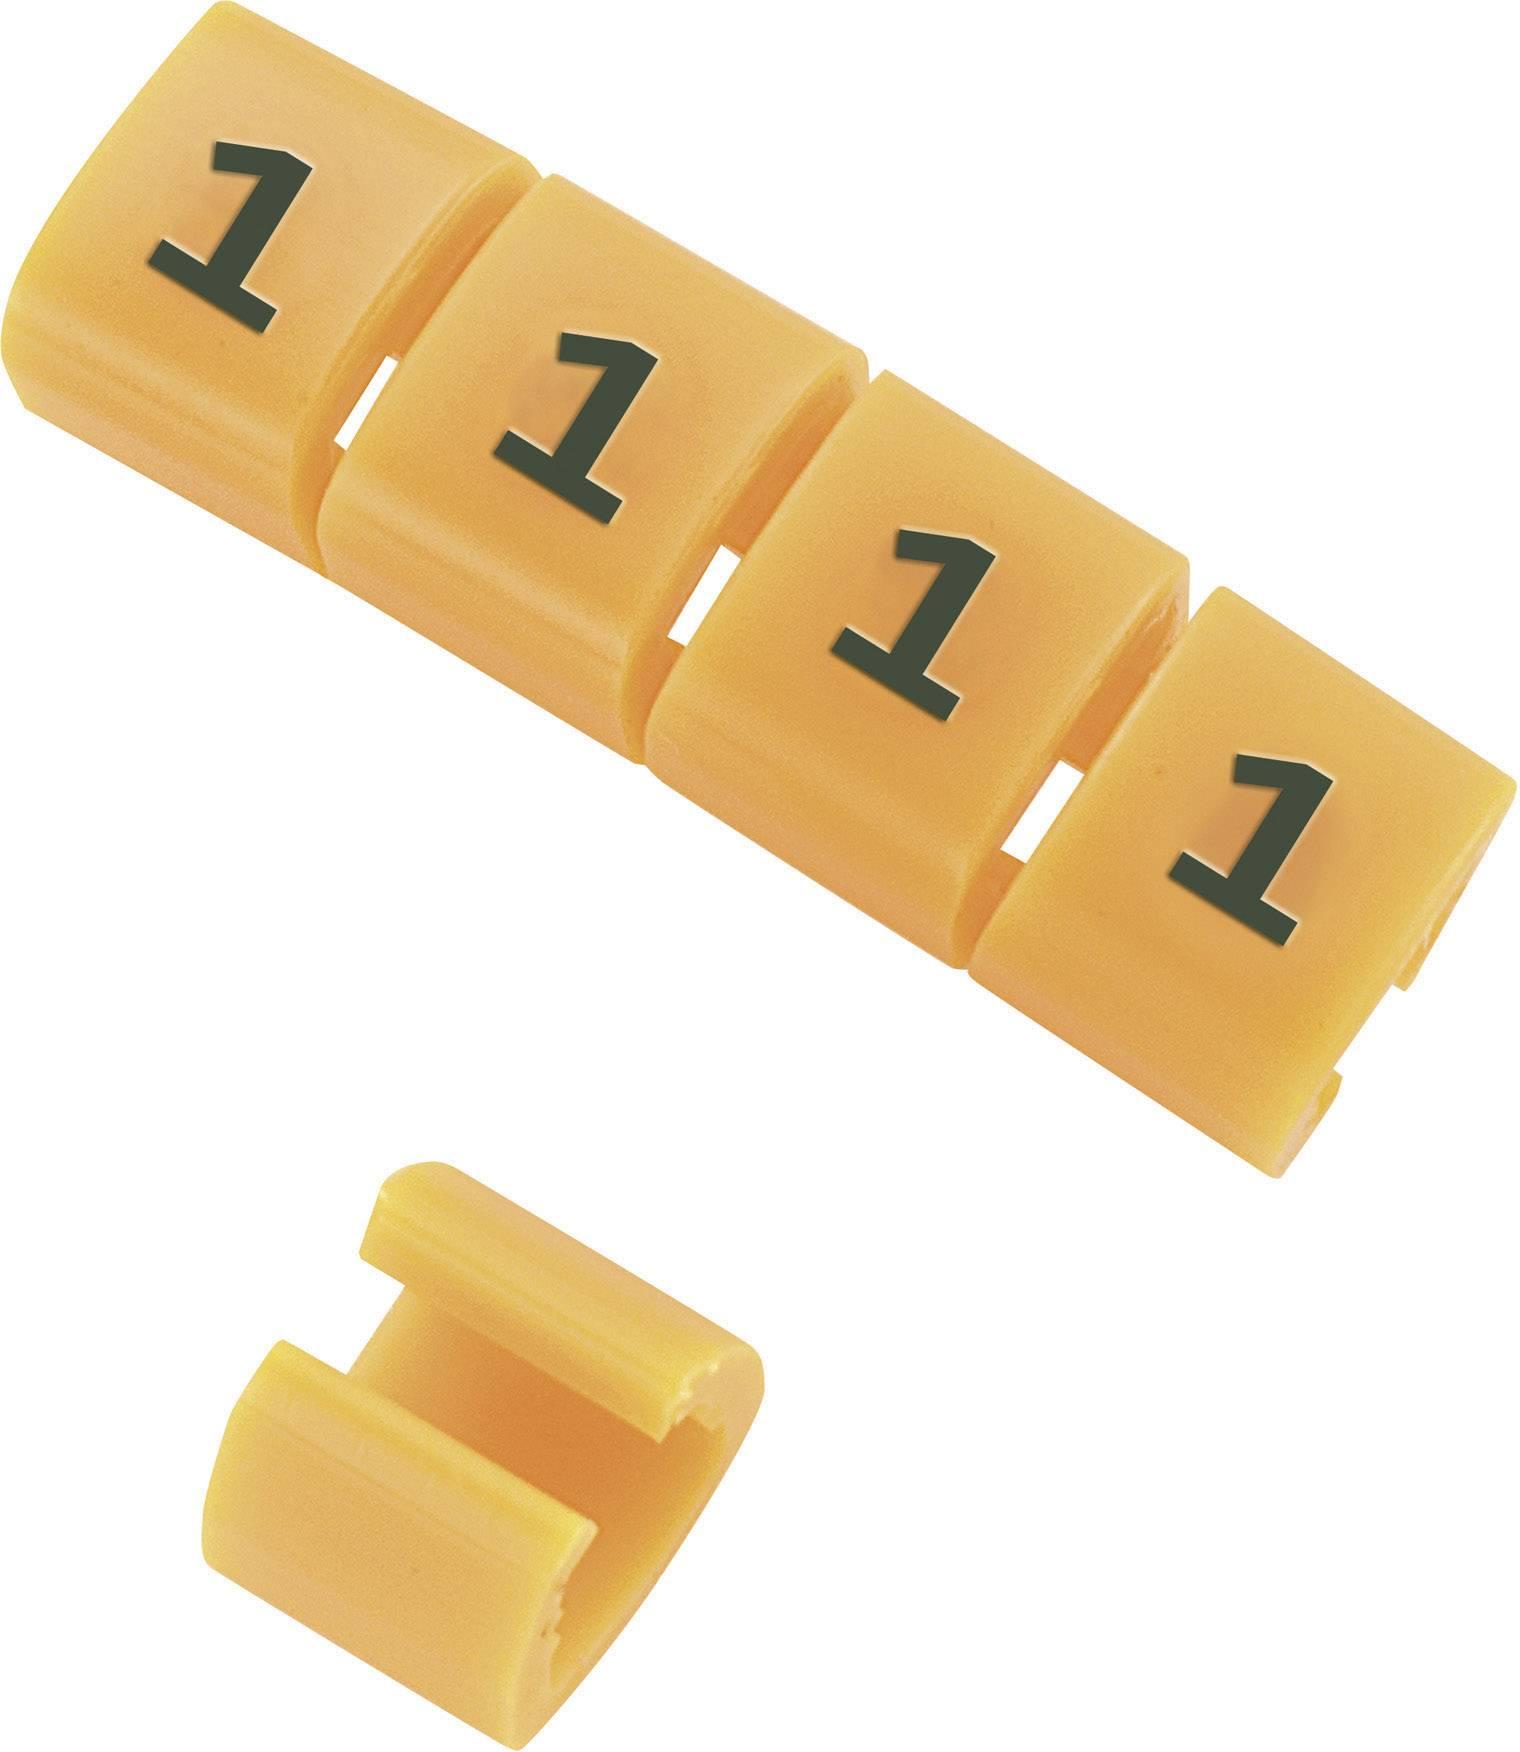 Označovacie objímka na káble KSS MB2/+, oranžová, 10 ks